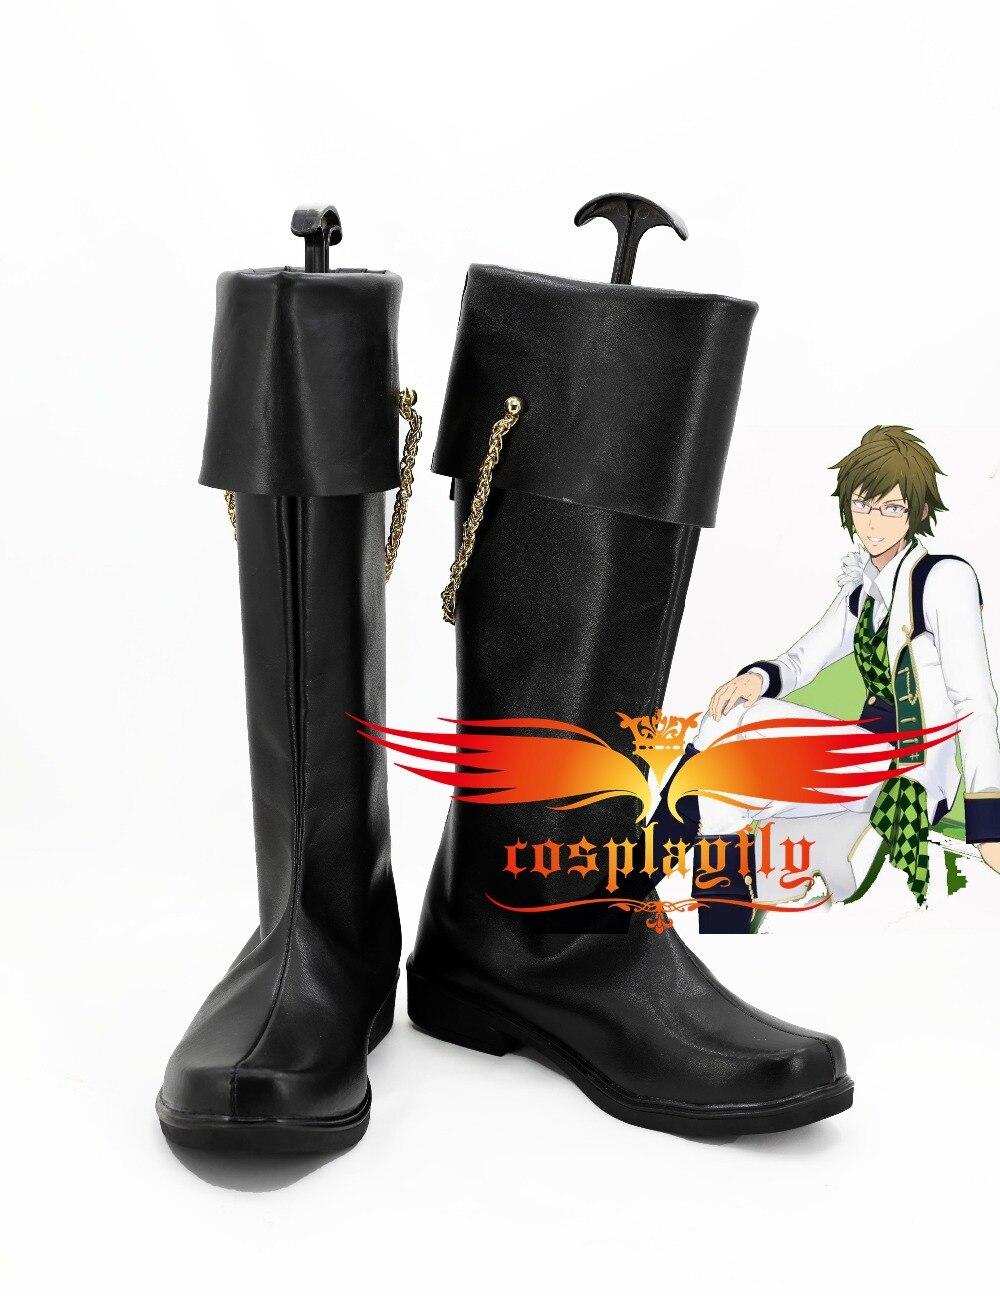 Mobile Game Hand Tour IDOLiSH7 Yamato Nikaido Cosplay Shoes Boots Custom For Adult Christmas Costume  3049